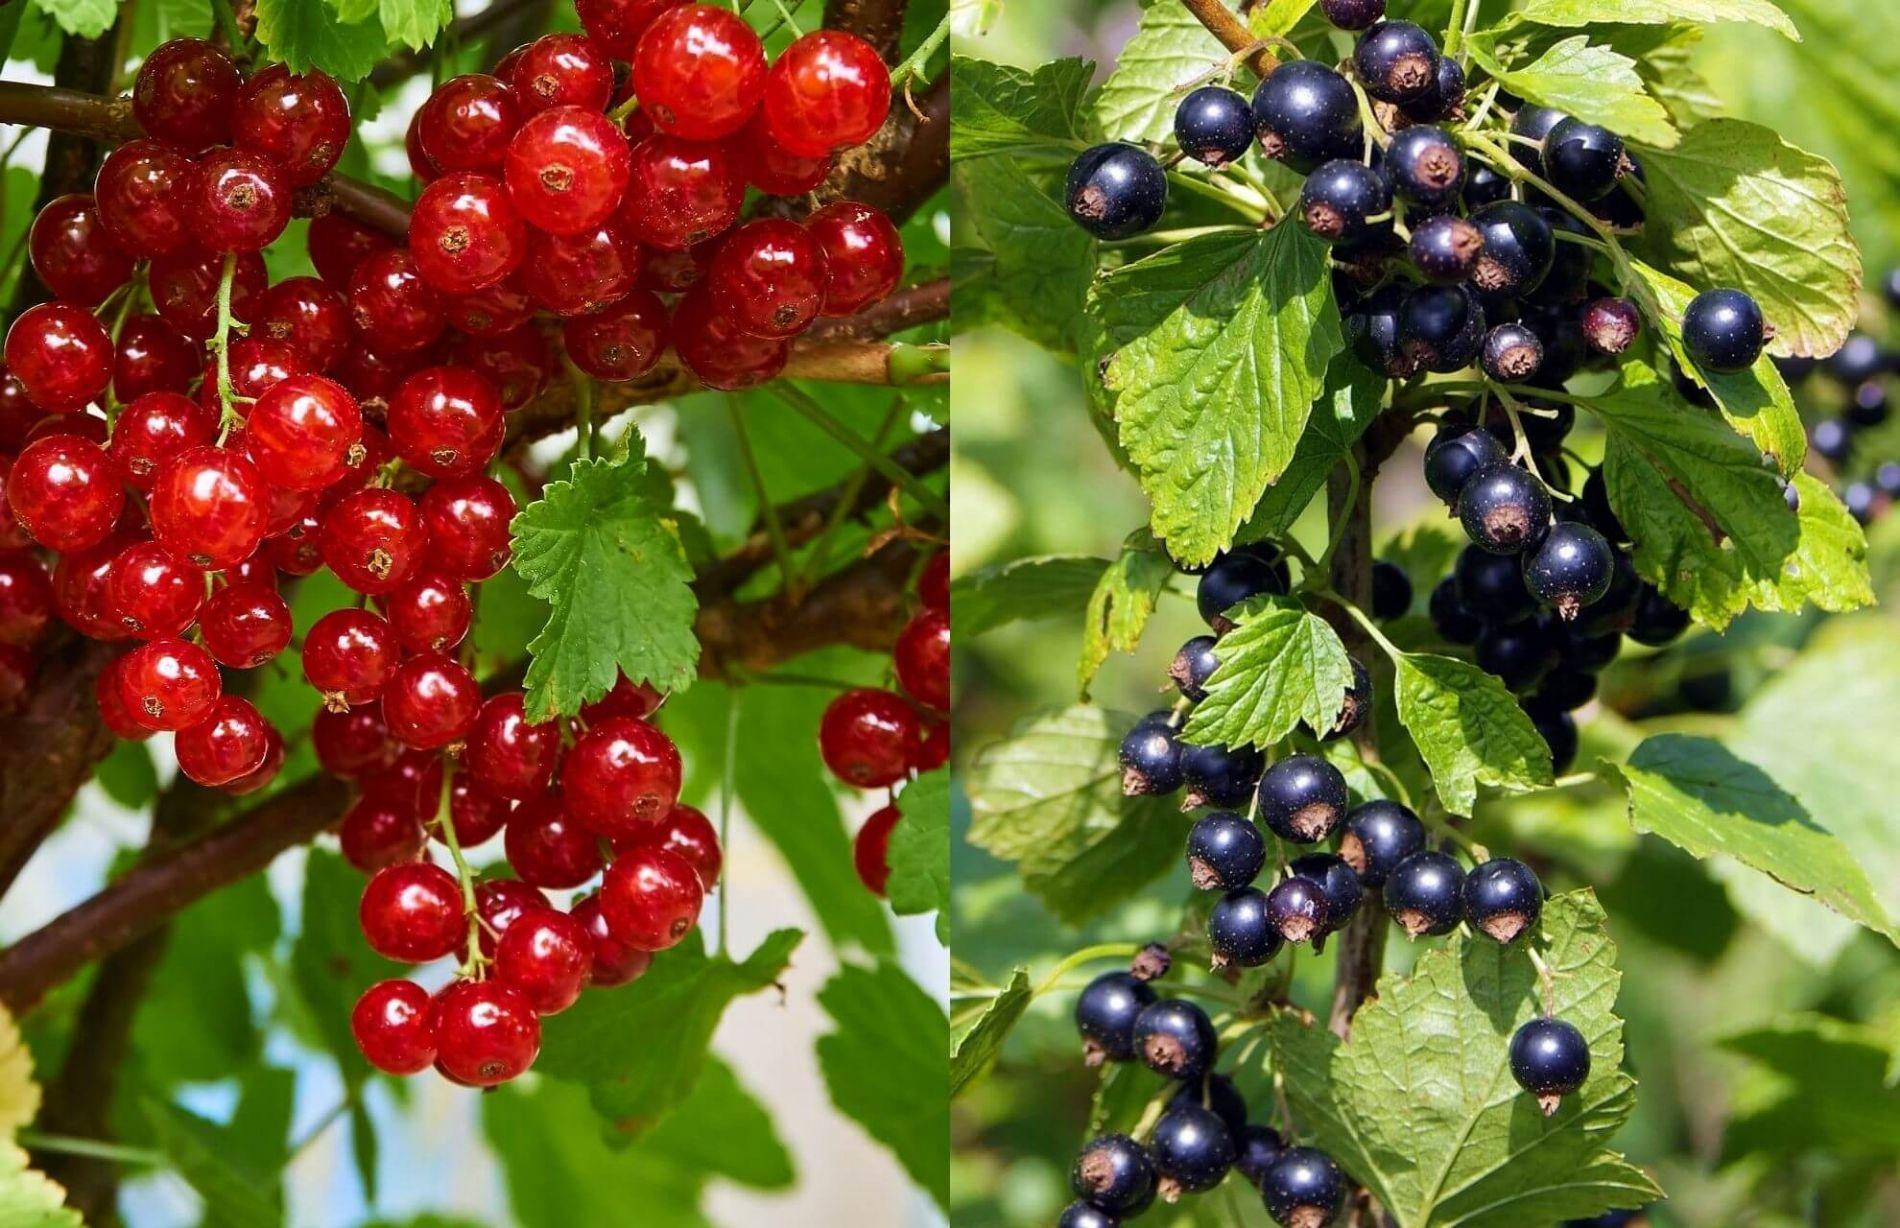 Comprar plantas de grosella, grosella roja y grosella negra